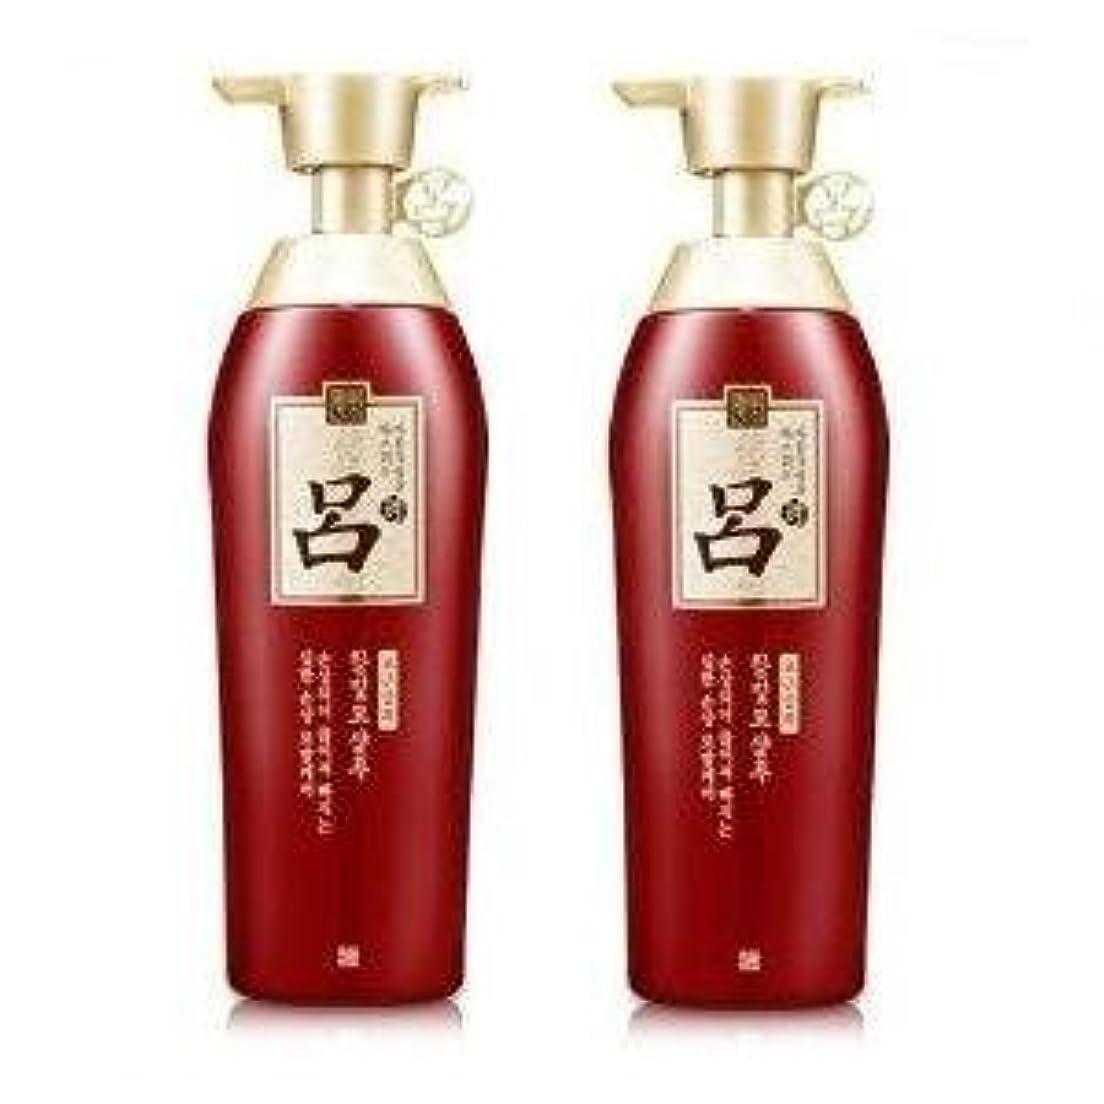 クアッガ湿気の多い縮約呂(リョ) [黒生潤気] 含光毛(ハンビッモ) 赤 シャンプー 2本[海外直送品]